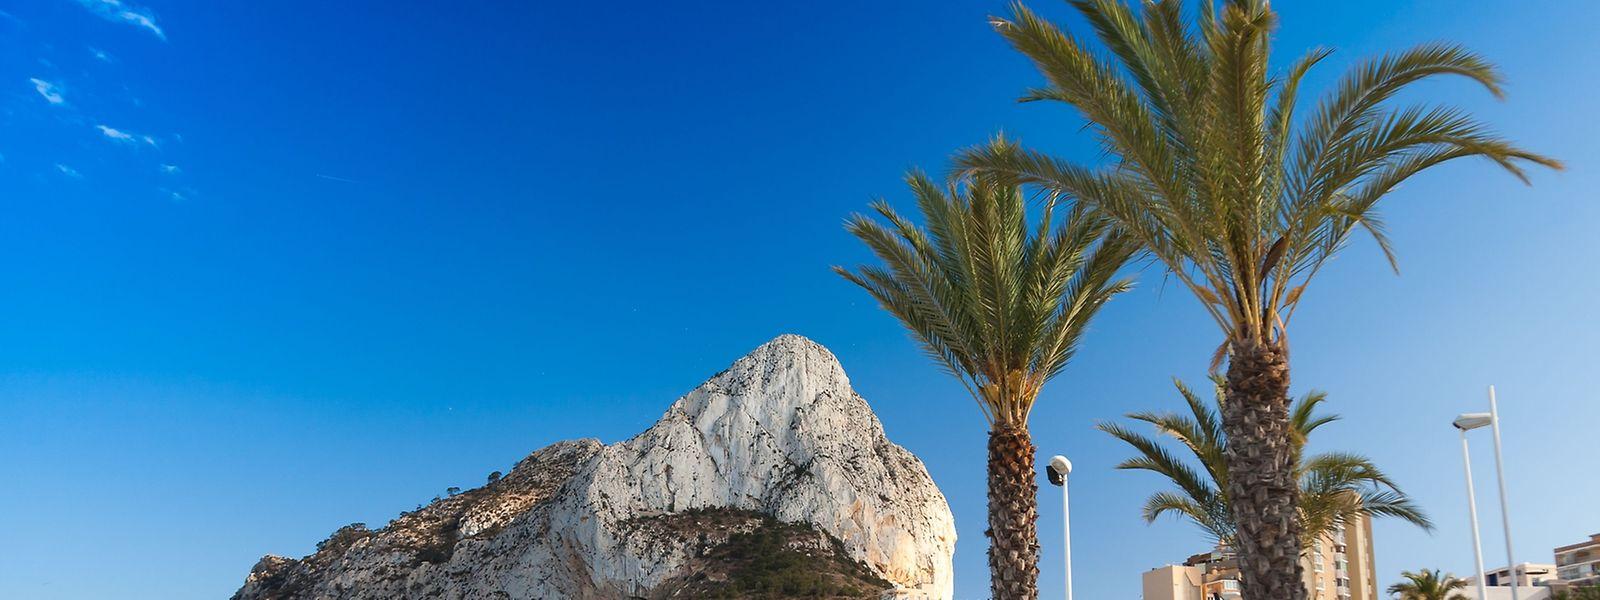 Mit Alicante nimmt Luxair Tours 2017 ein weiteres Ziel auf dem spanischen Festland ins Programm.